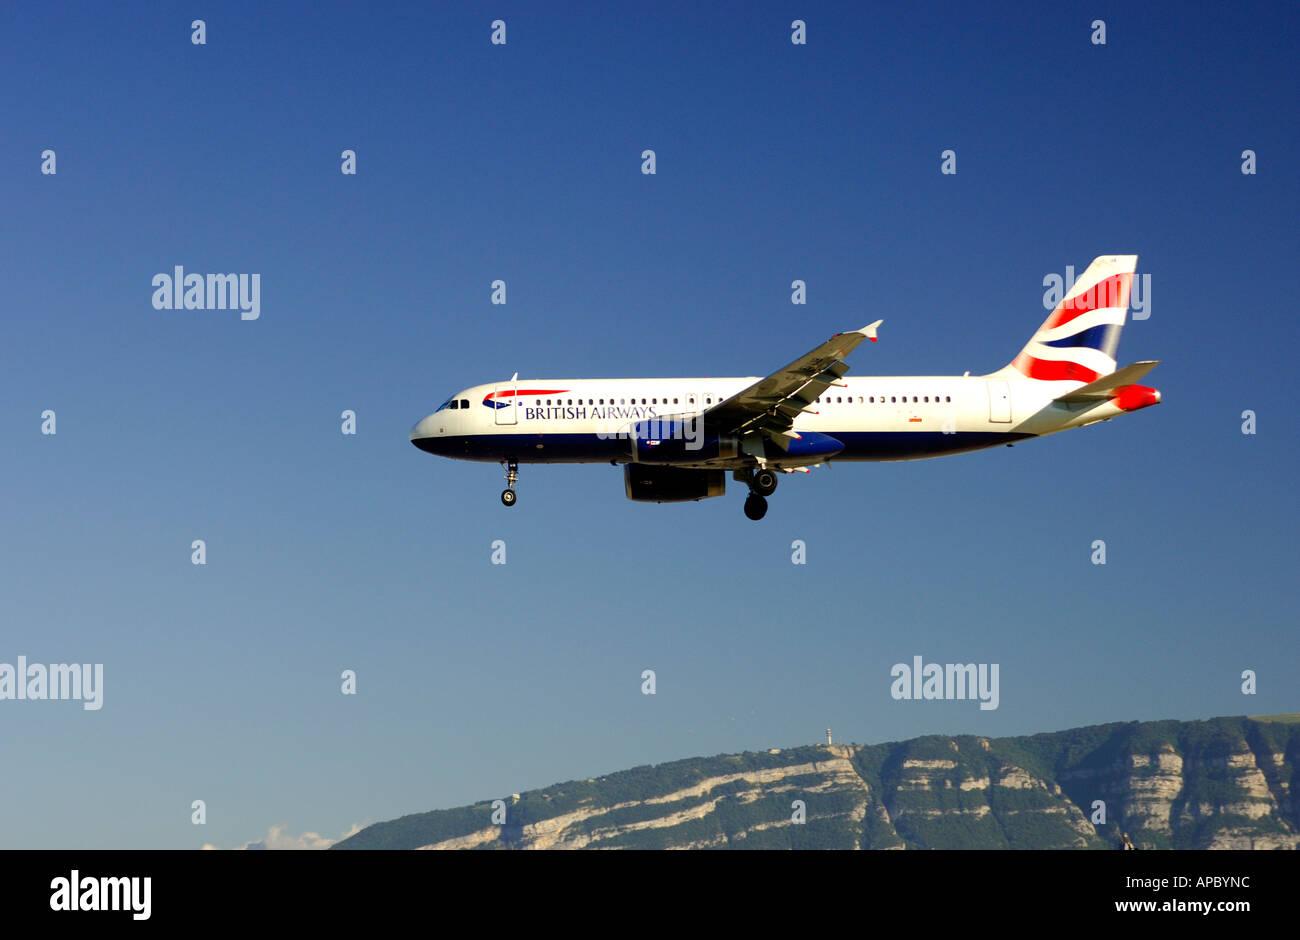 Airbus A320-200 British Airways - Stock Image